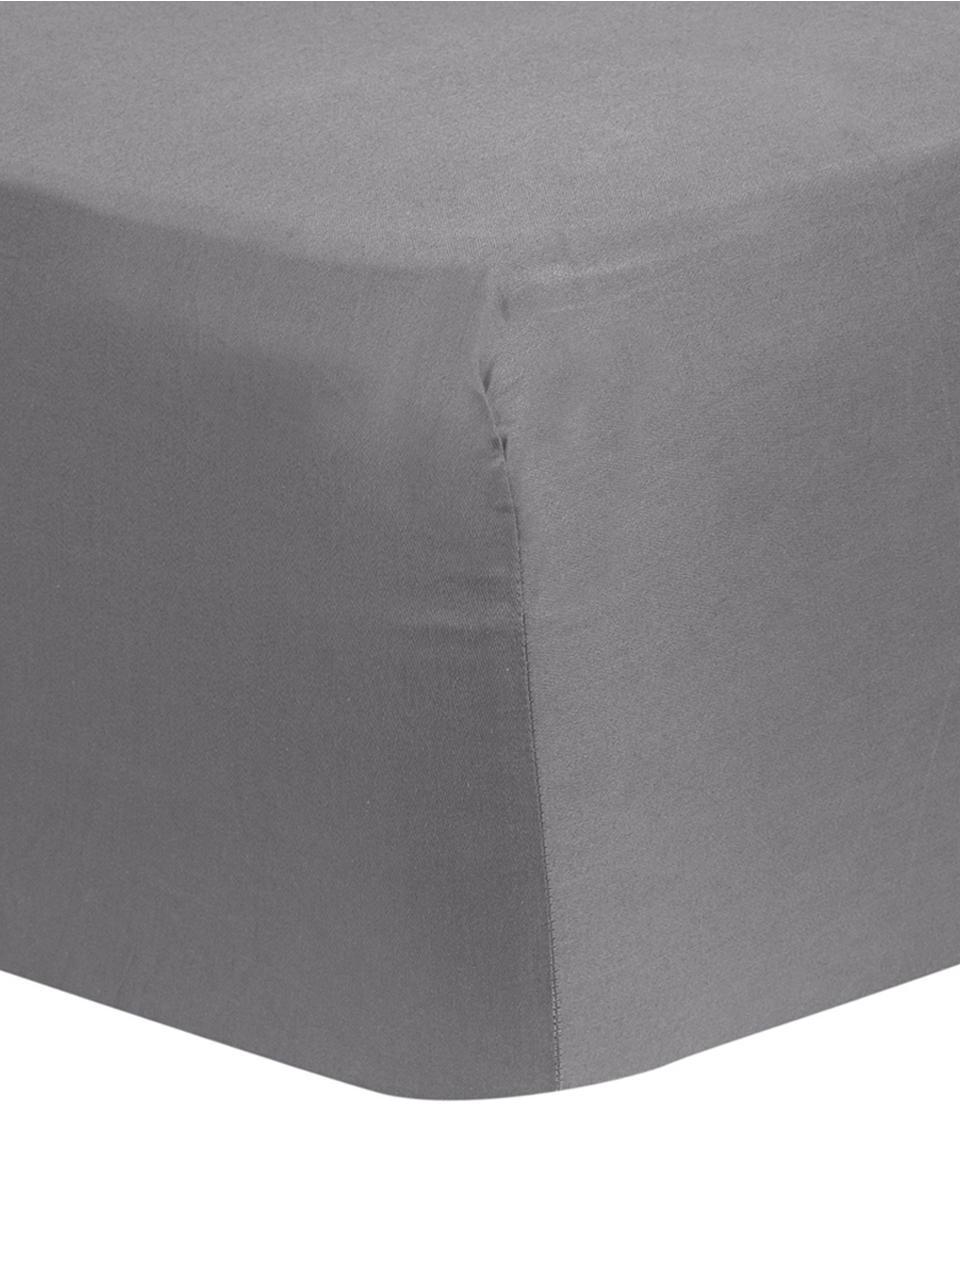 Spannbettlaken Comfort in Dunkelgrau, Baumwollsatin, Webart: Satin, leicht glänzend, Dunkelgrau, 180 x 200 cm